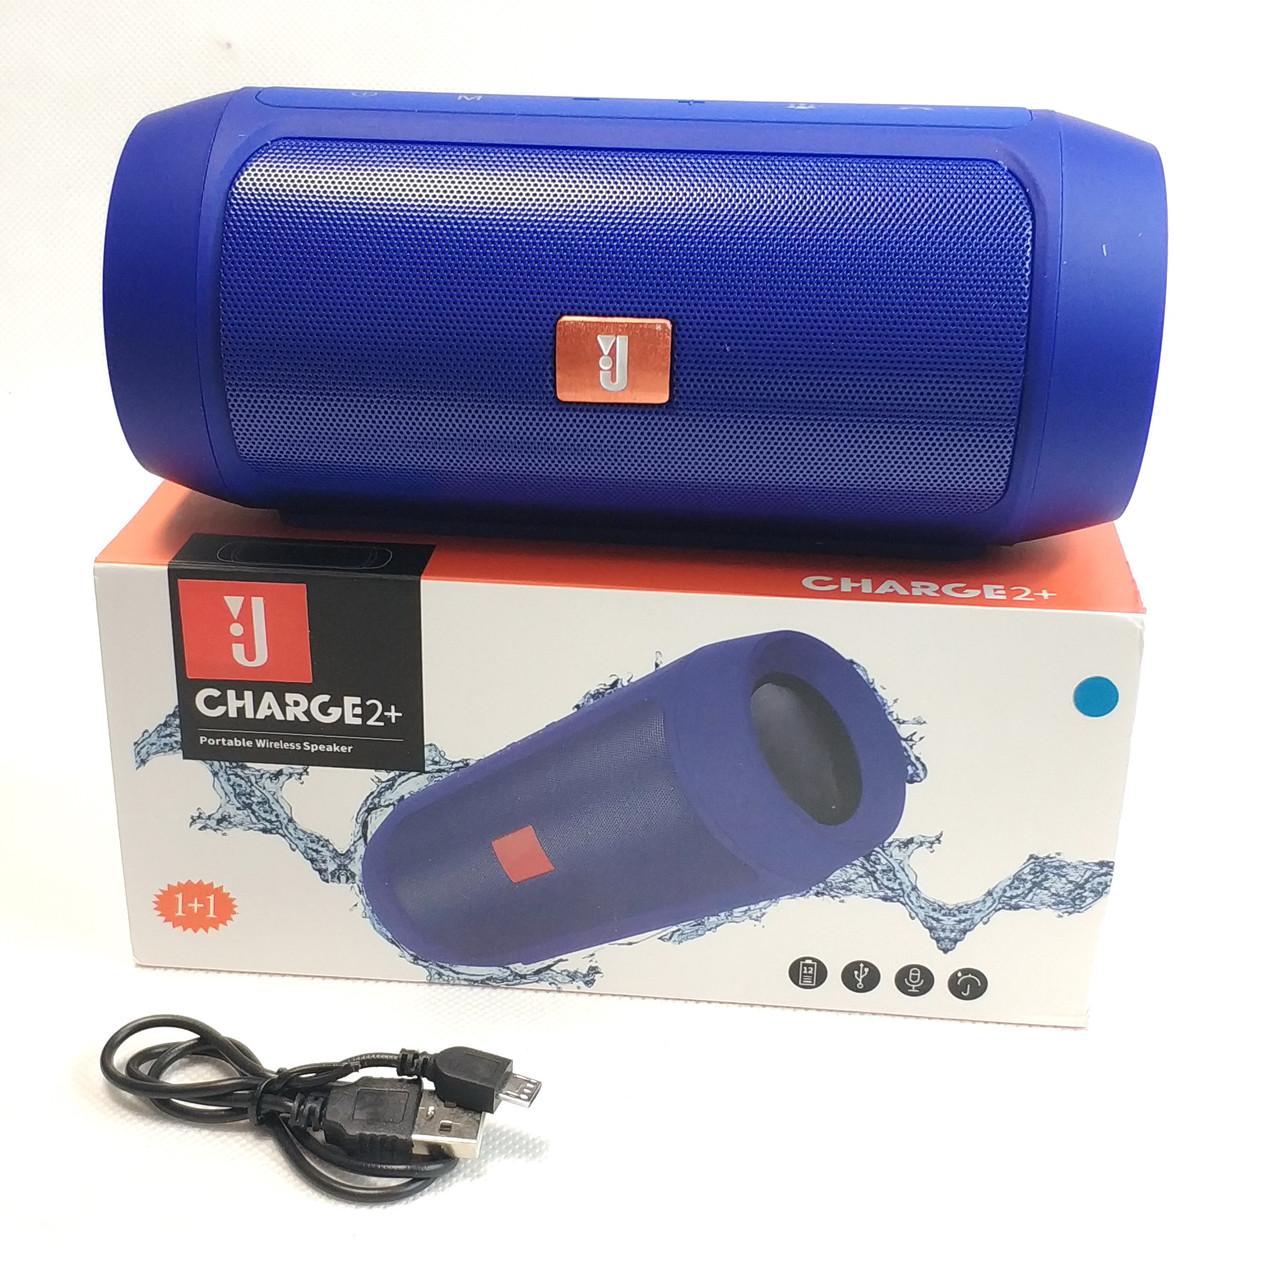 Портативная колонка bluetooth блютуз акустика для телефона мини с флешкой повербанк синяя charge 2+